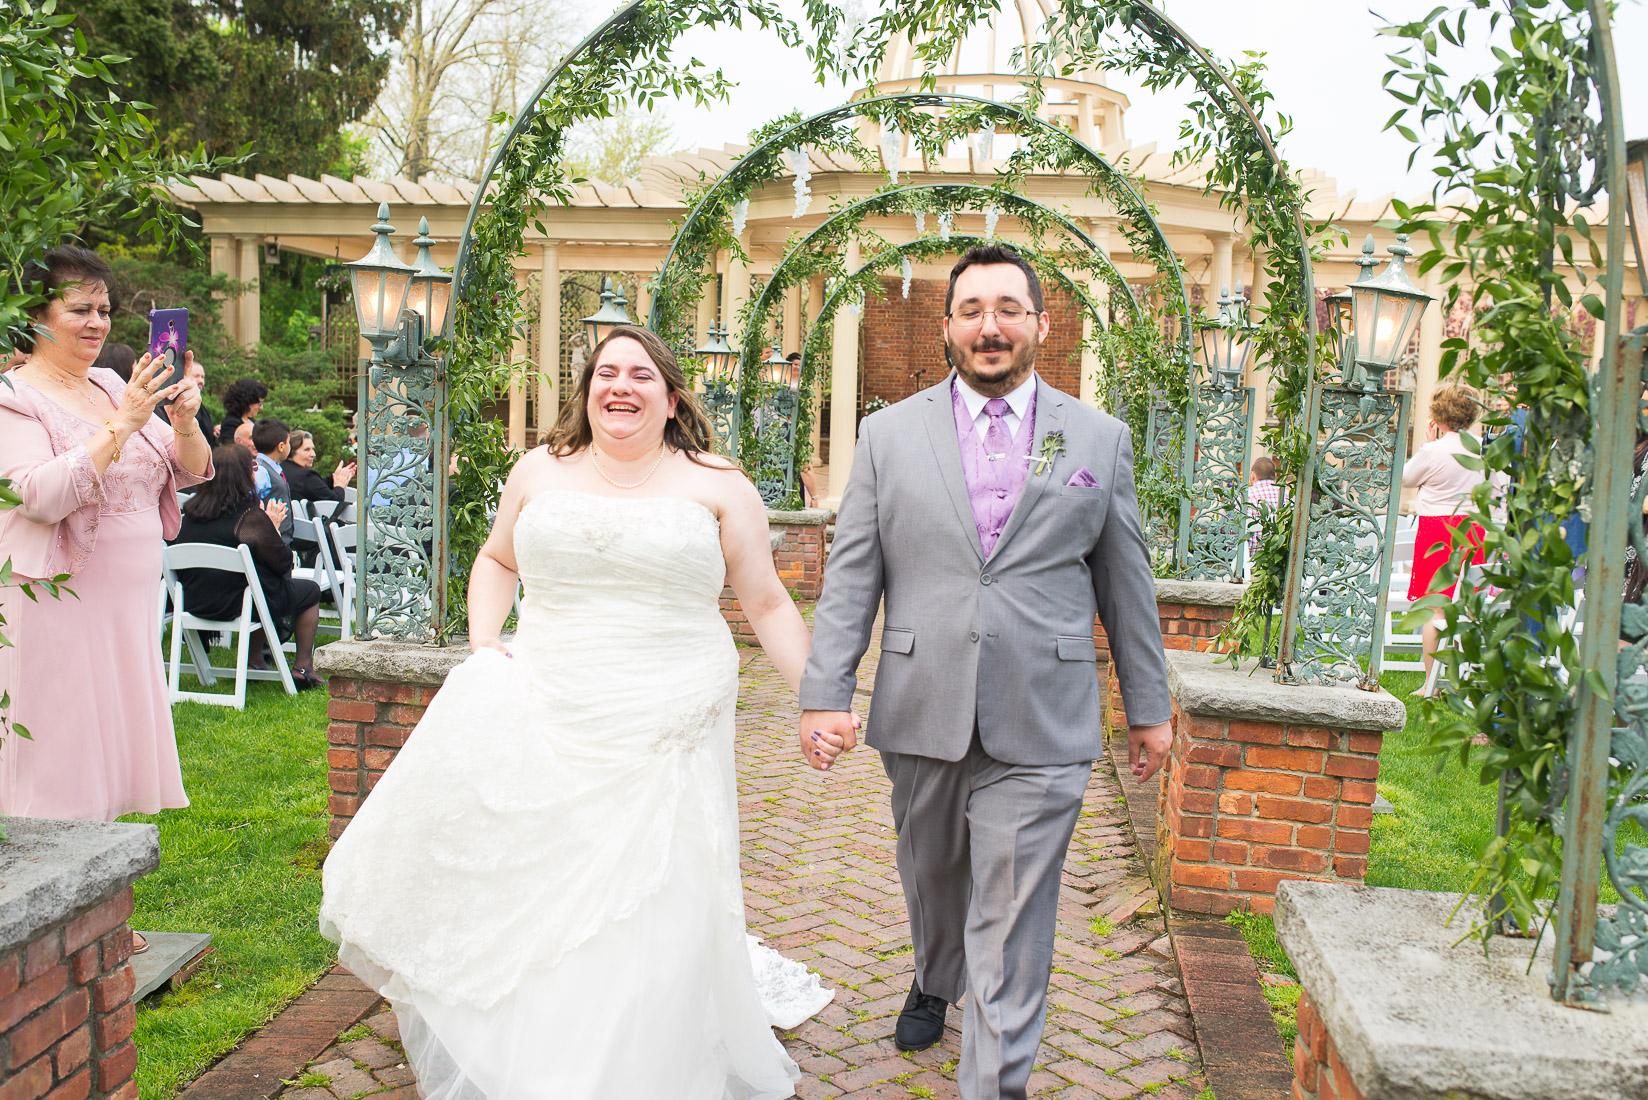 Manor-SouthOrange-NJ-wedding-0023.jpg